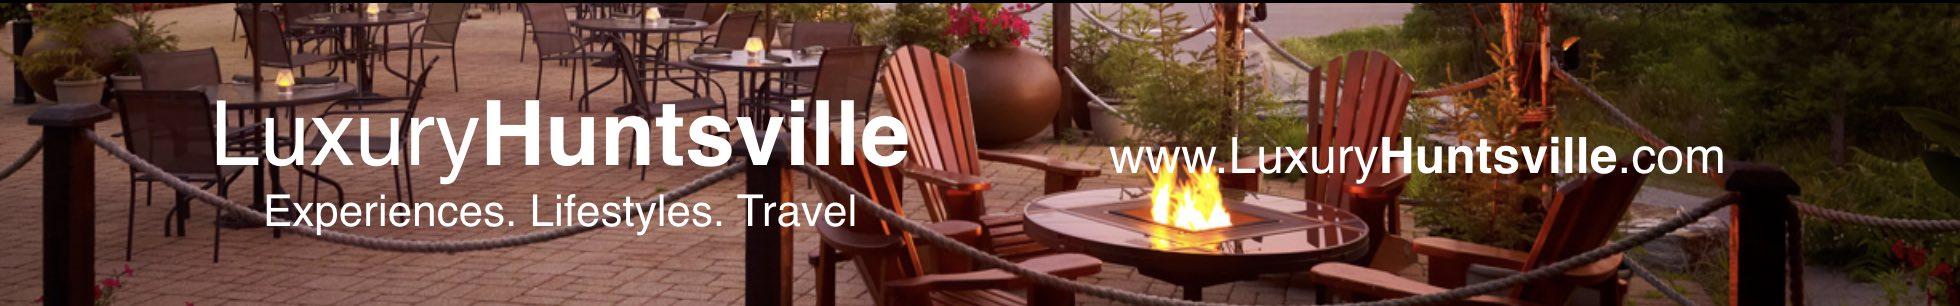 LuxuryHuntsville Ad 03